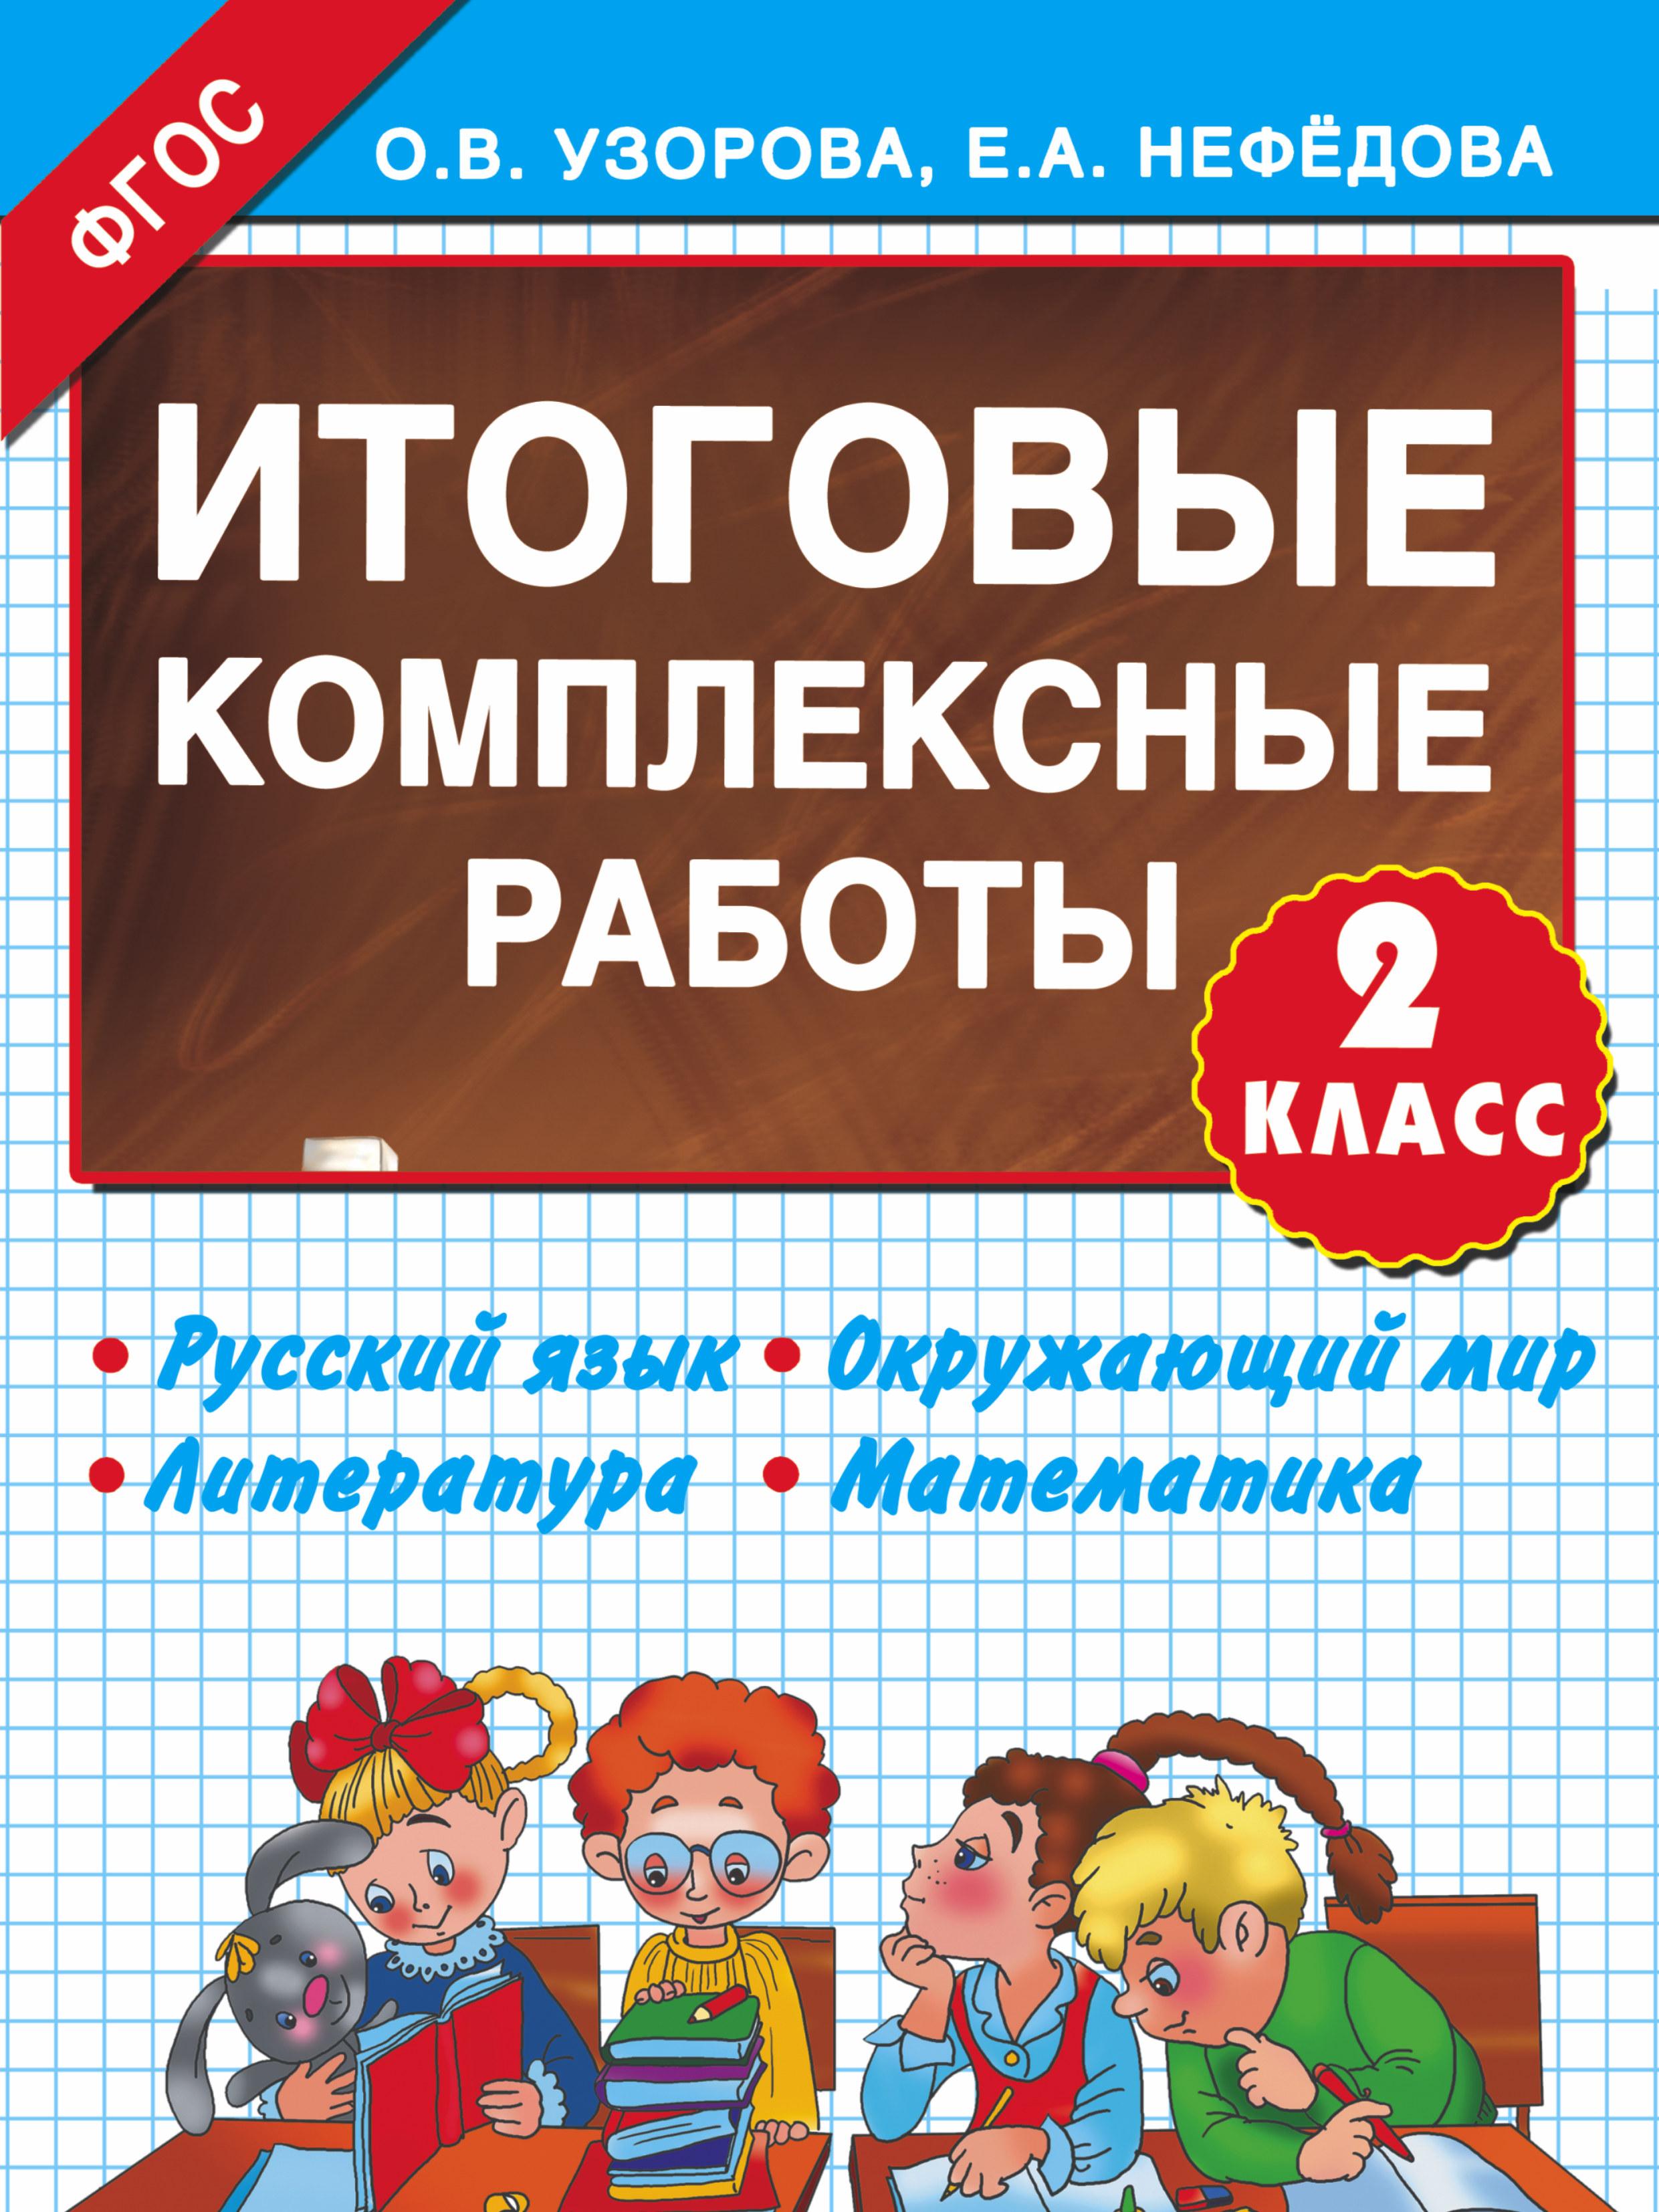 Русский язык. Окружающий мир. Литература. Математика. 2 класс. Итоговые комплексные работы